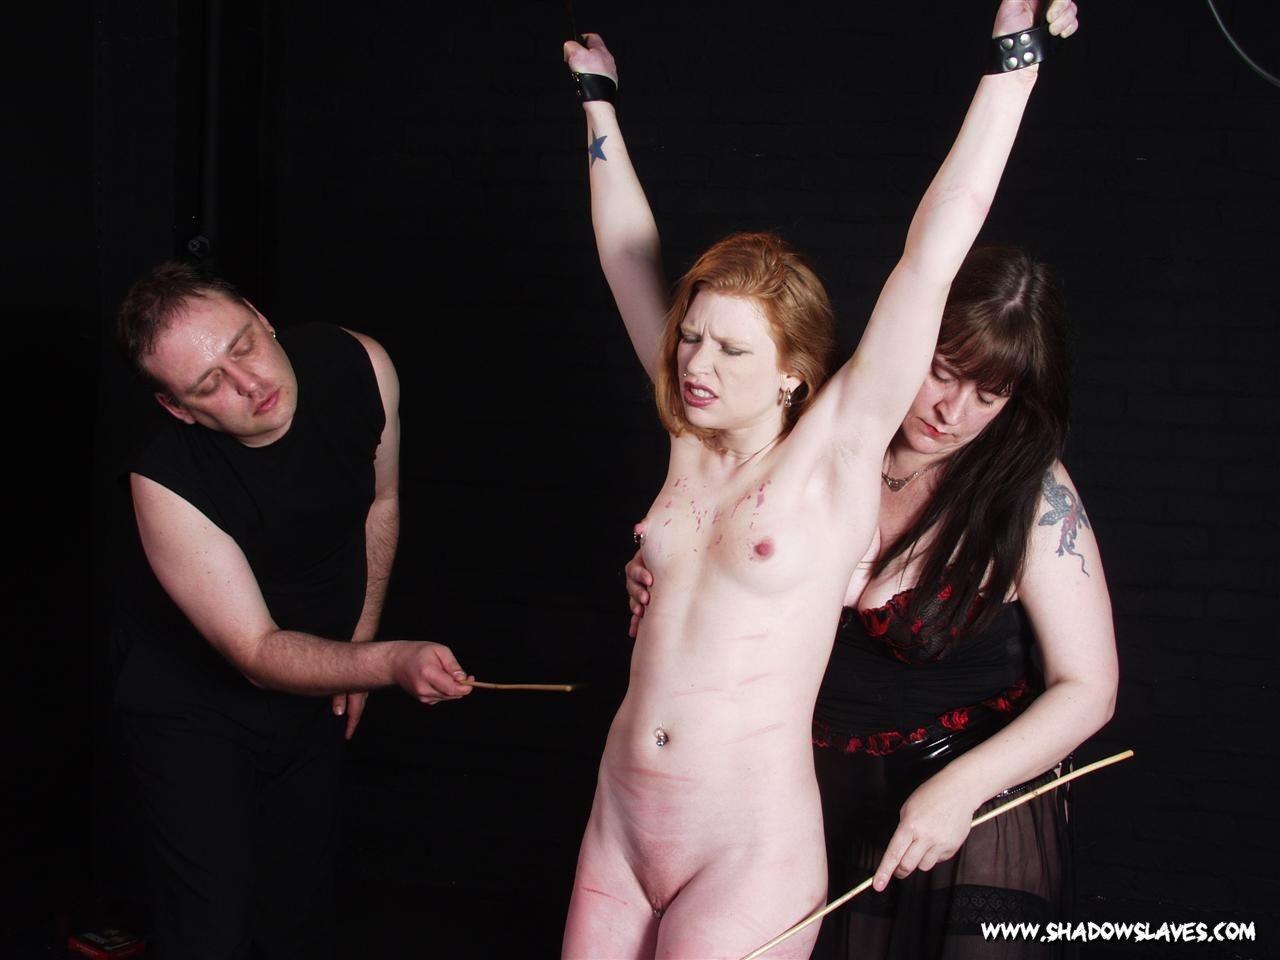 Pics of naked miranda lambert